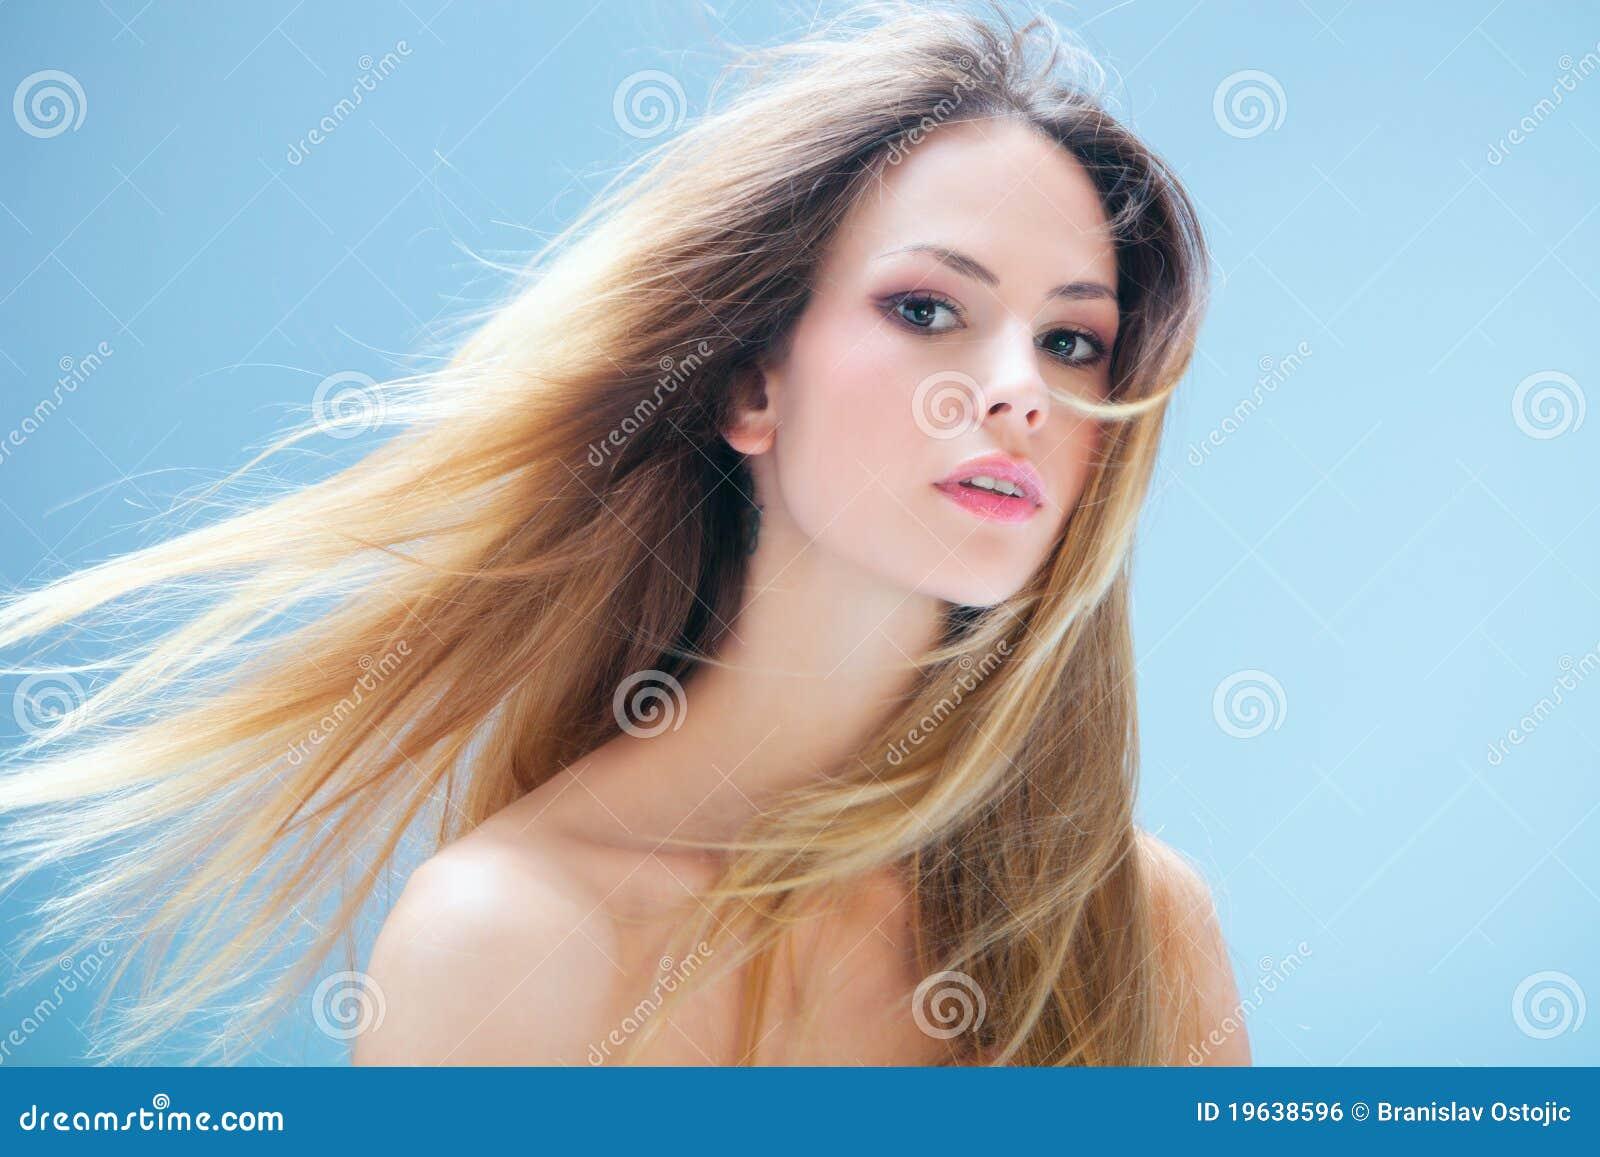 Haarbaumuster